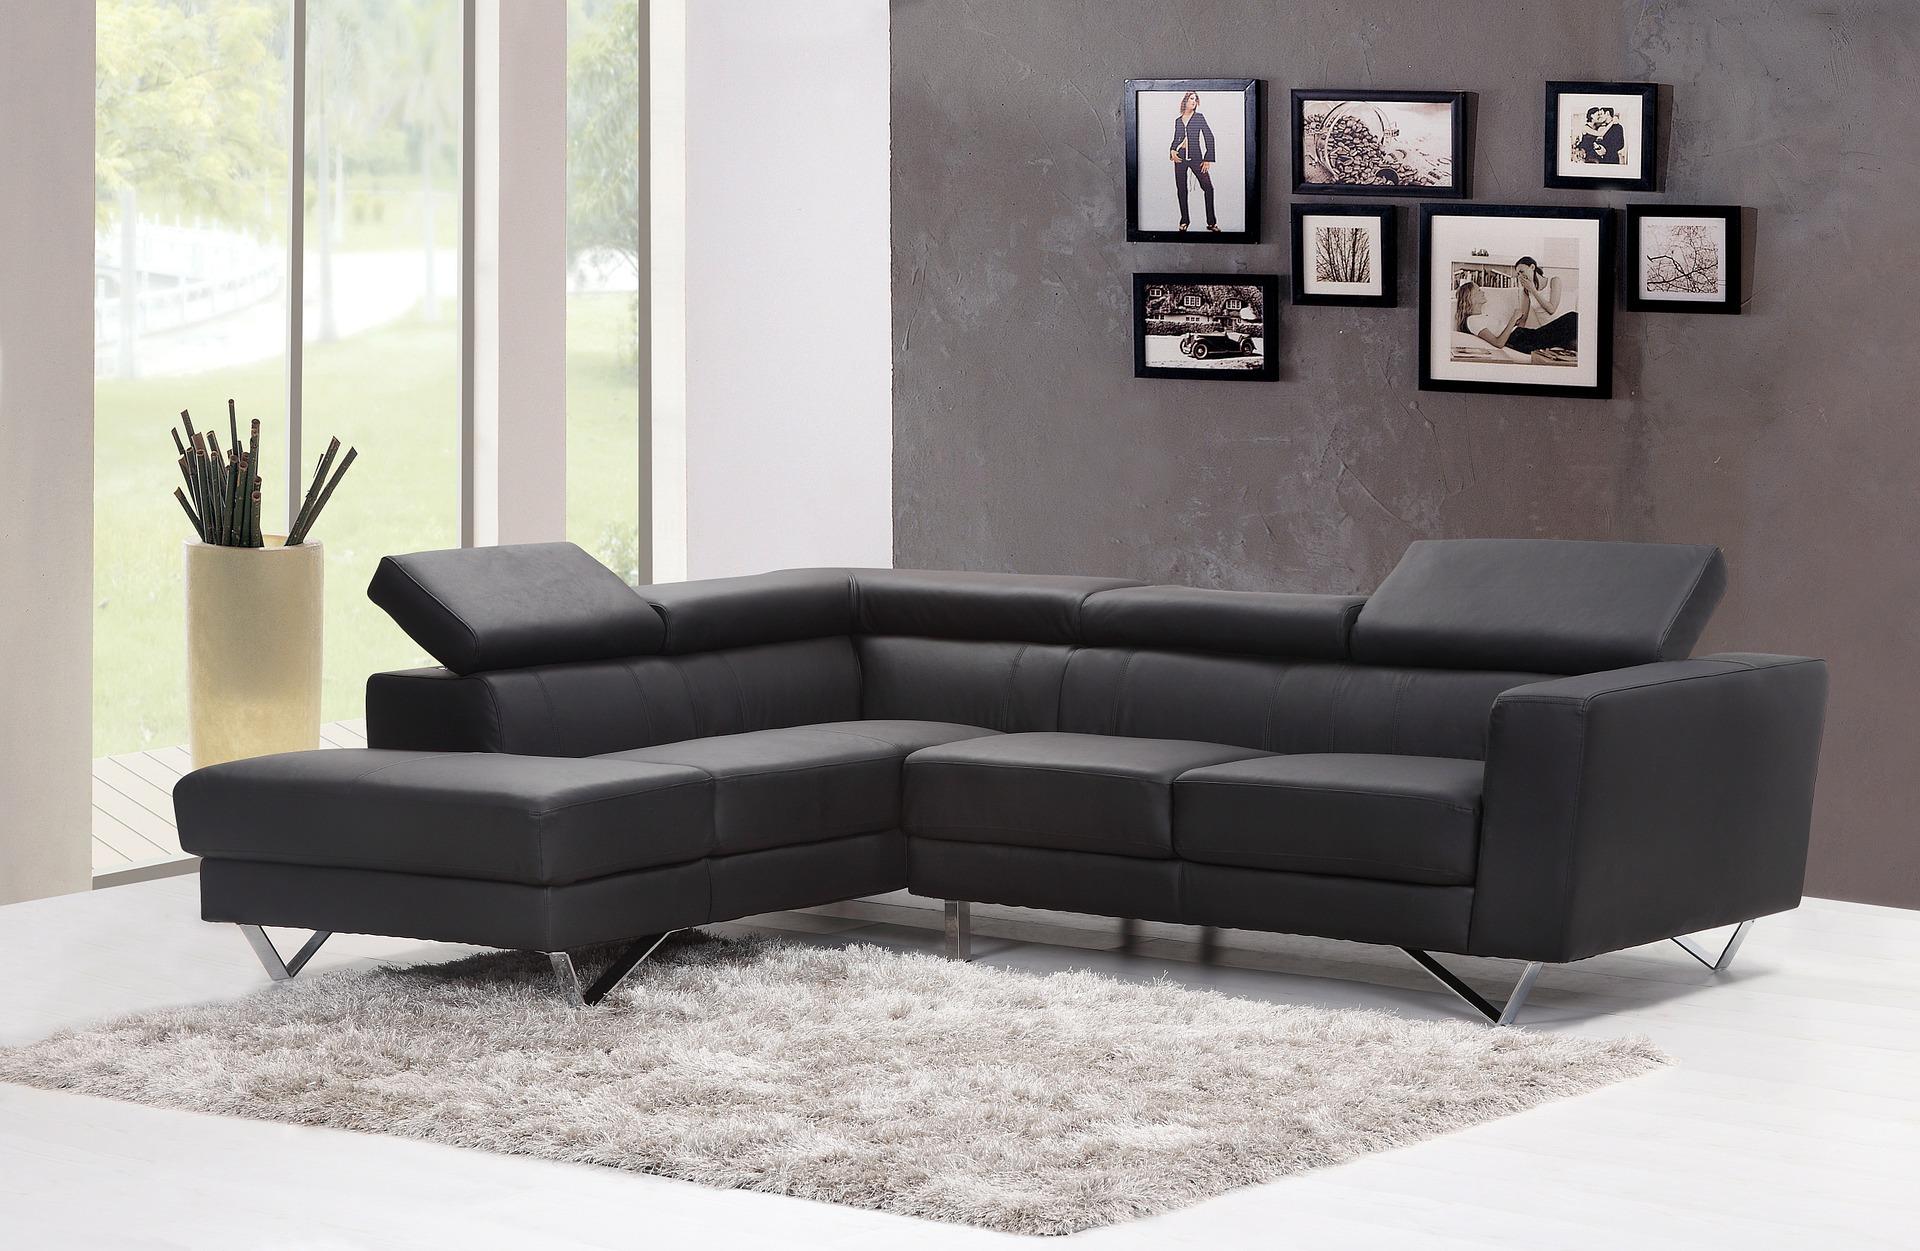 布艺沙发厂家讲解低软沙发有什么害处?